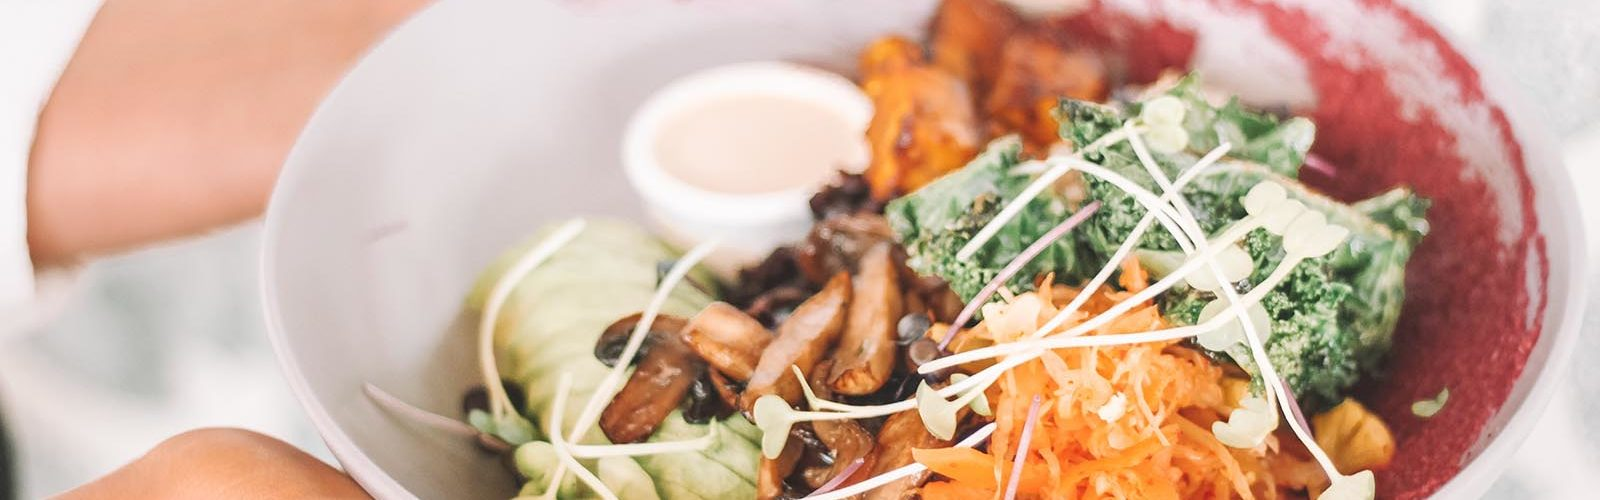 etre-vegan-sante-sain-restaurants-adresses-austin-une